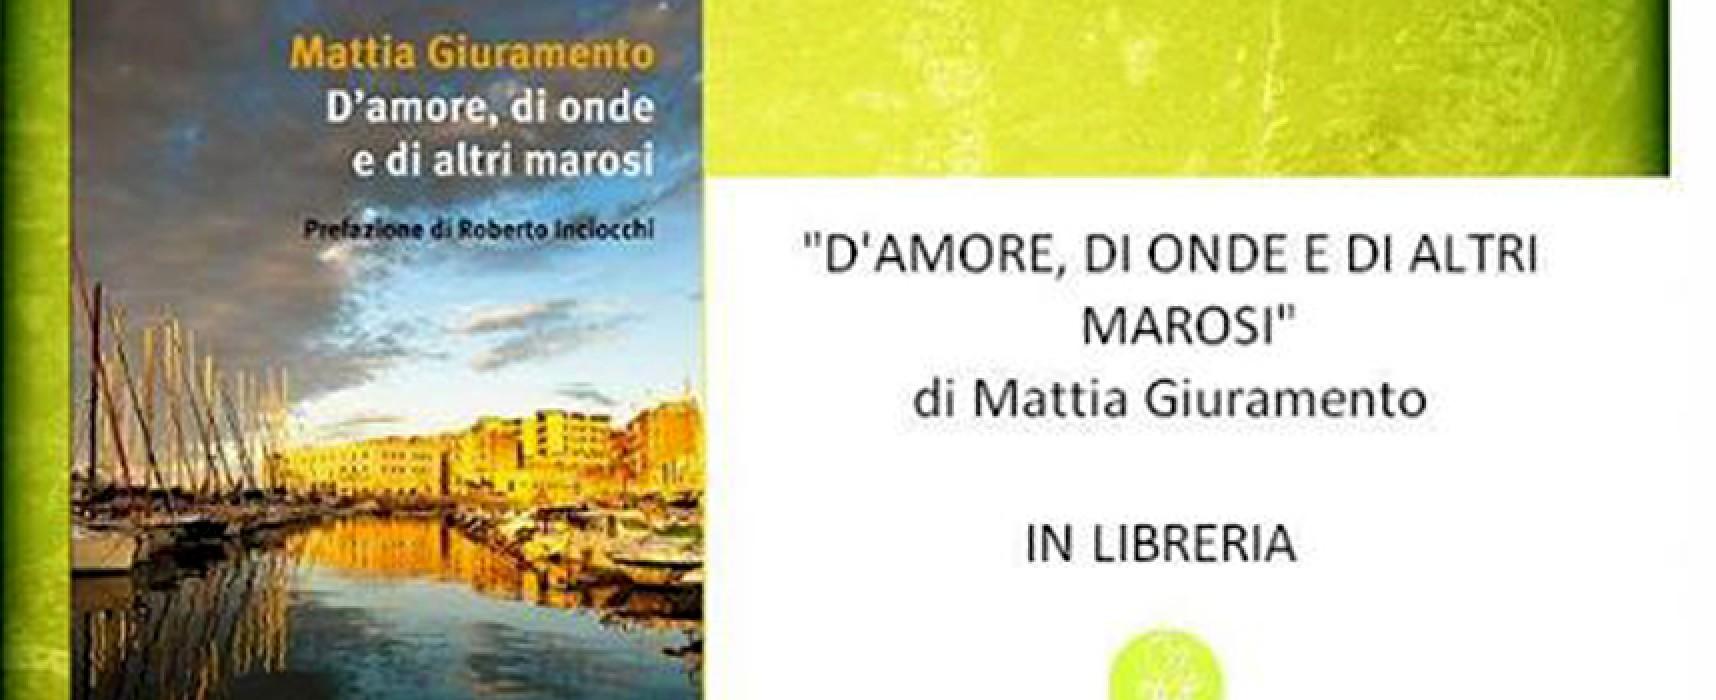 Mattia Giuramento, giornalista biscegliese di Sky Tg 24, questa sera presenta il suo libro al Circolo Unione